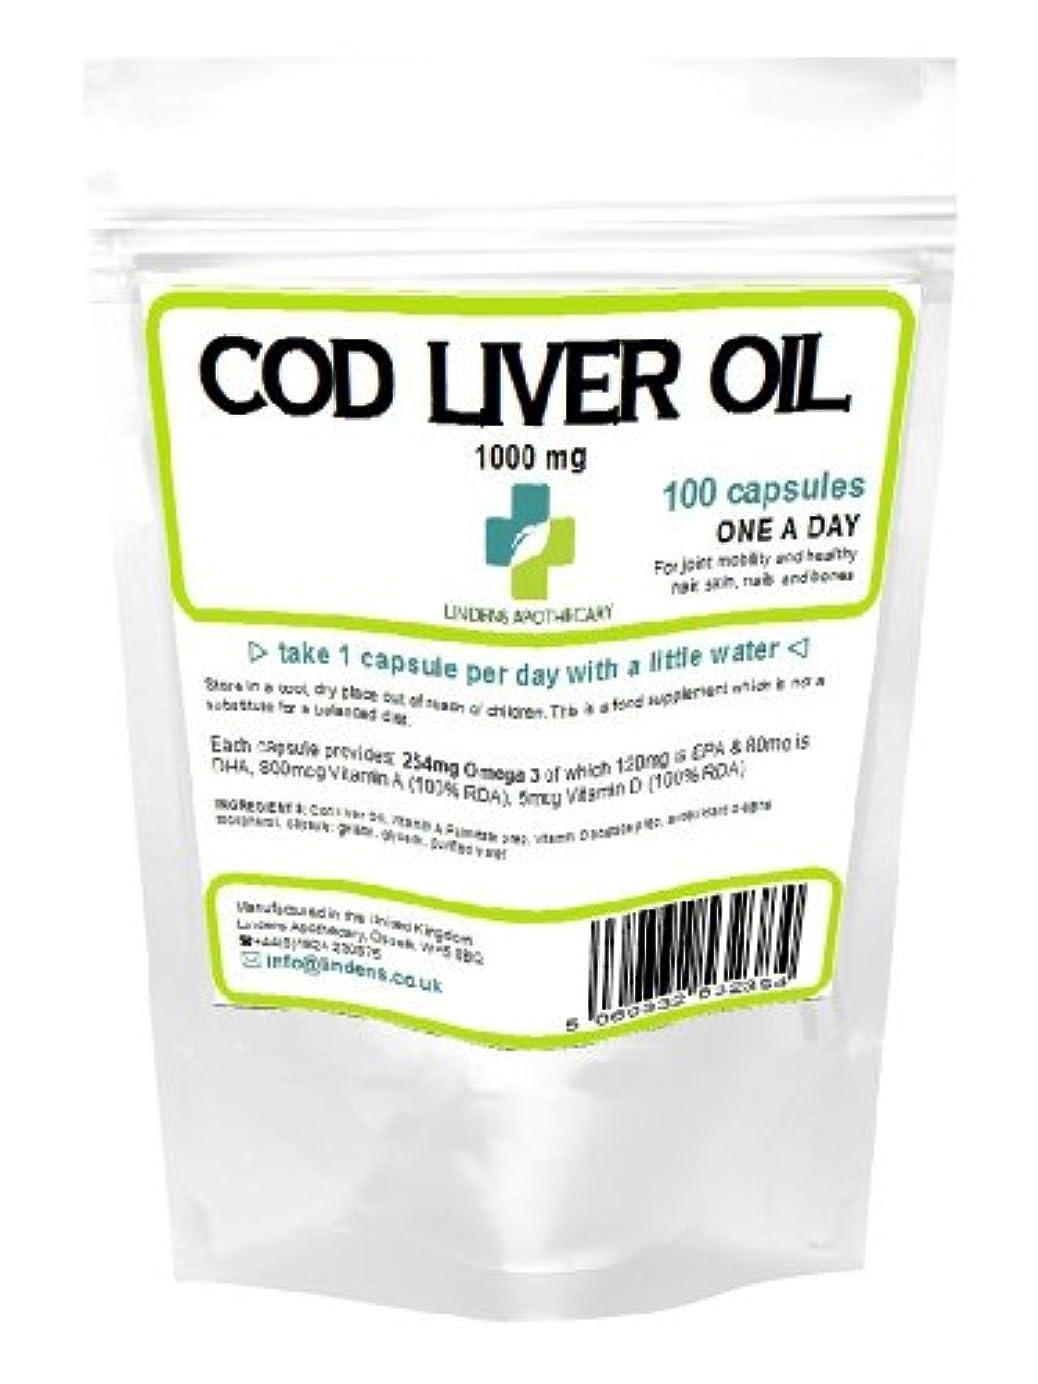 忌避剤アルファベット順梨高強度肝油1000ミリグラム 100カプセル